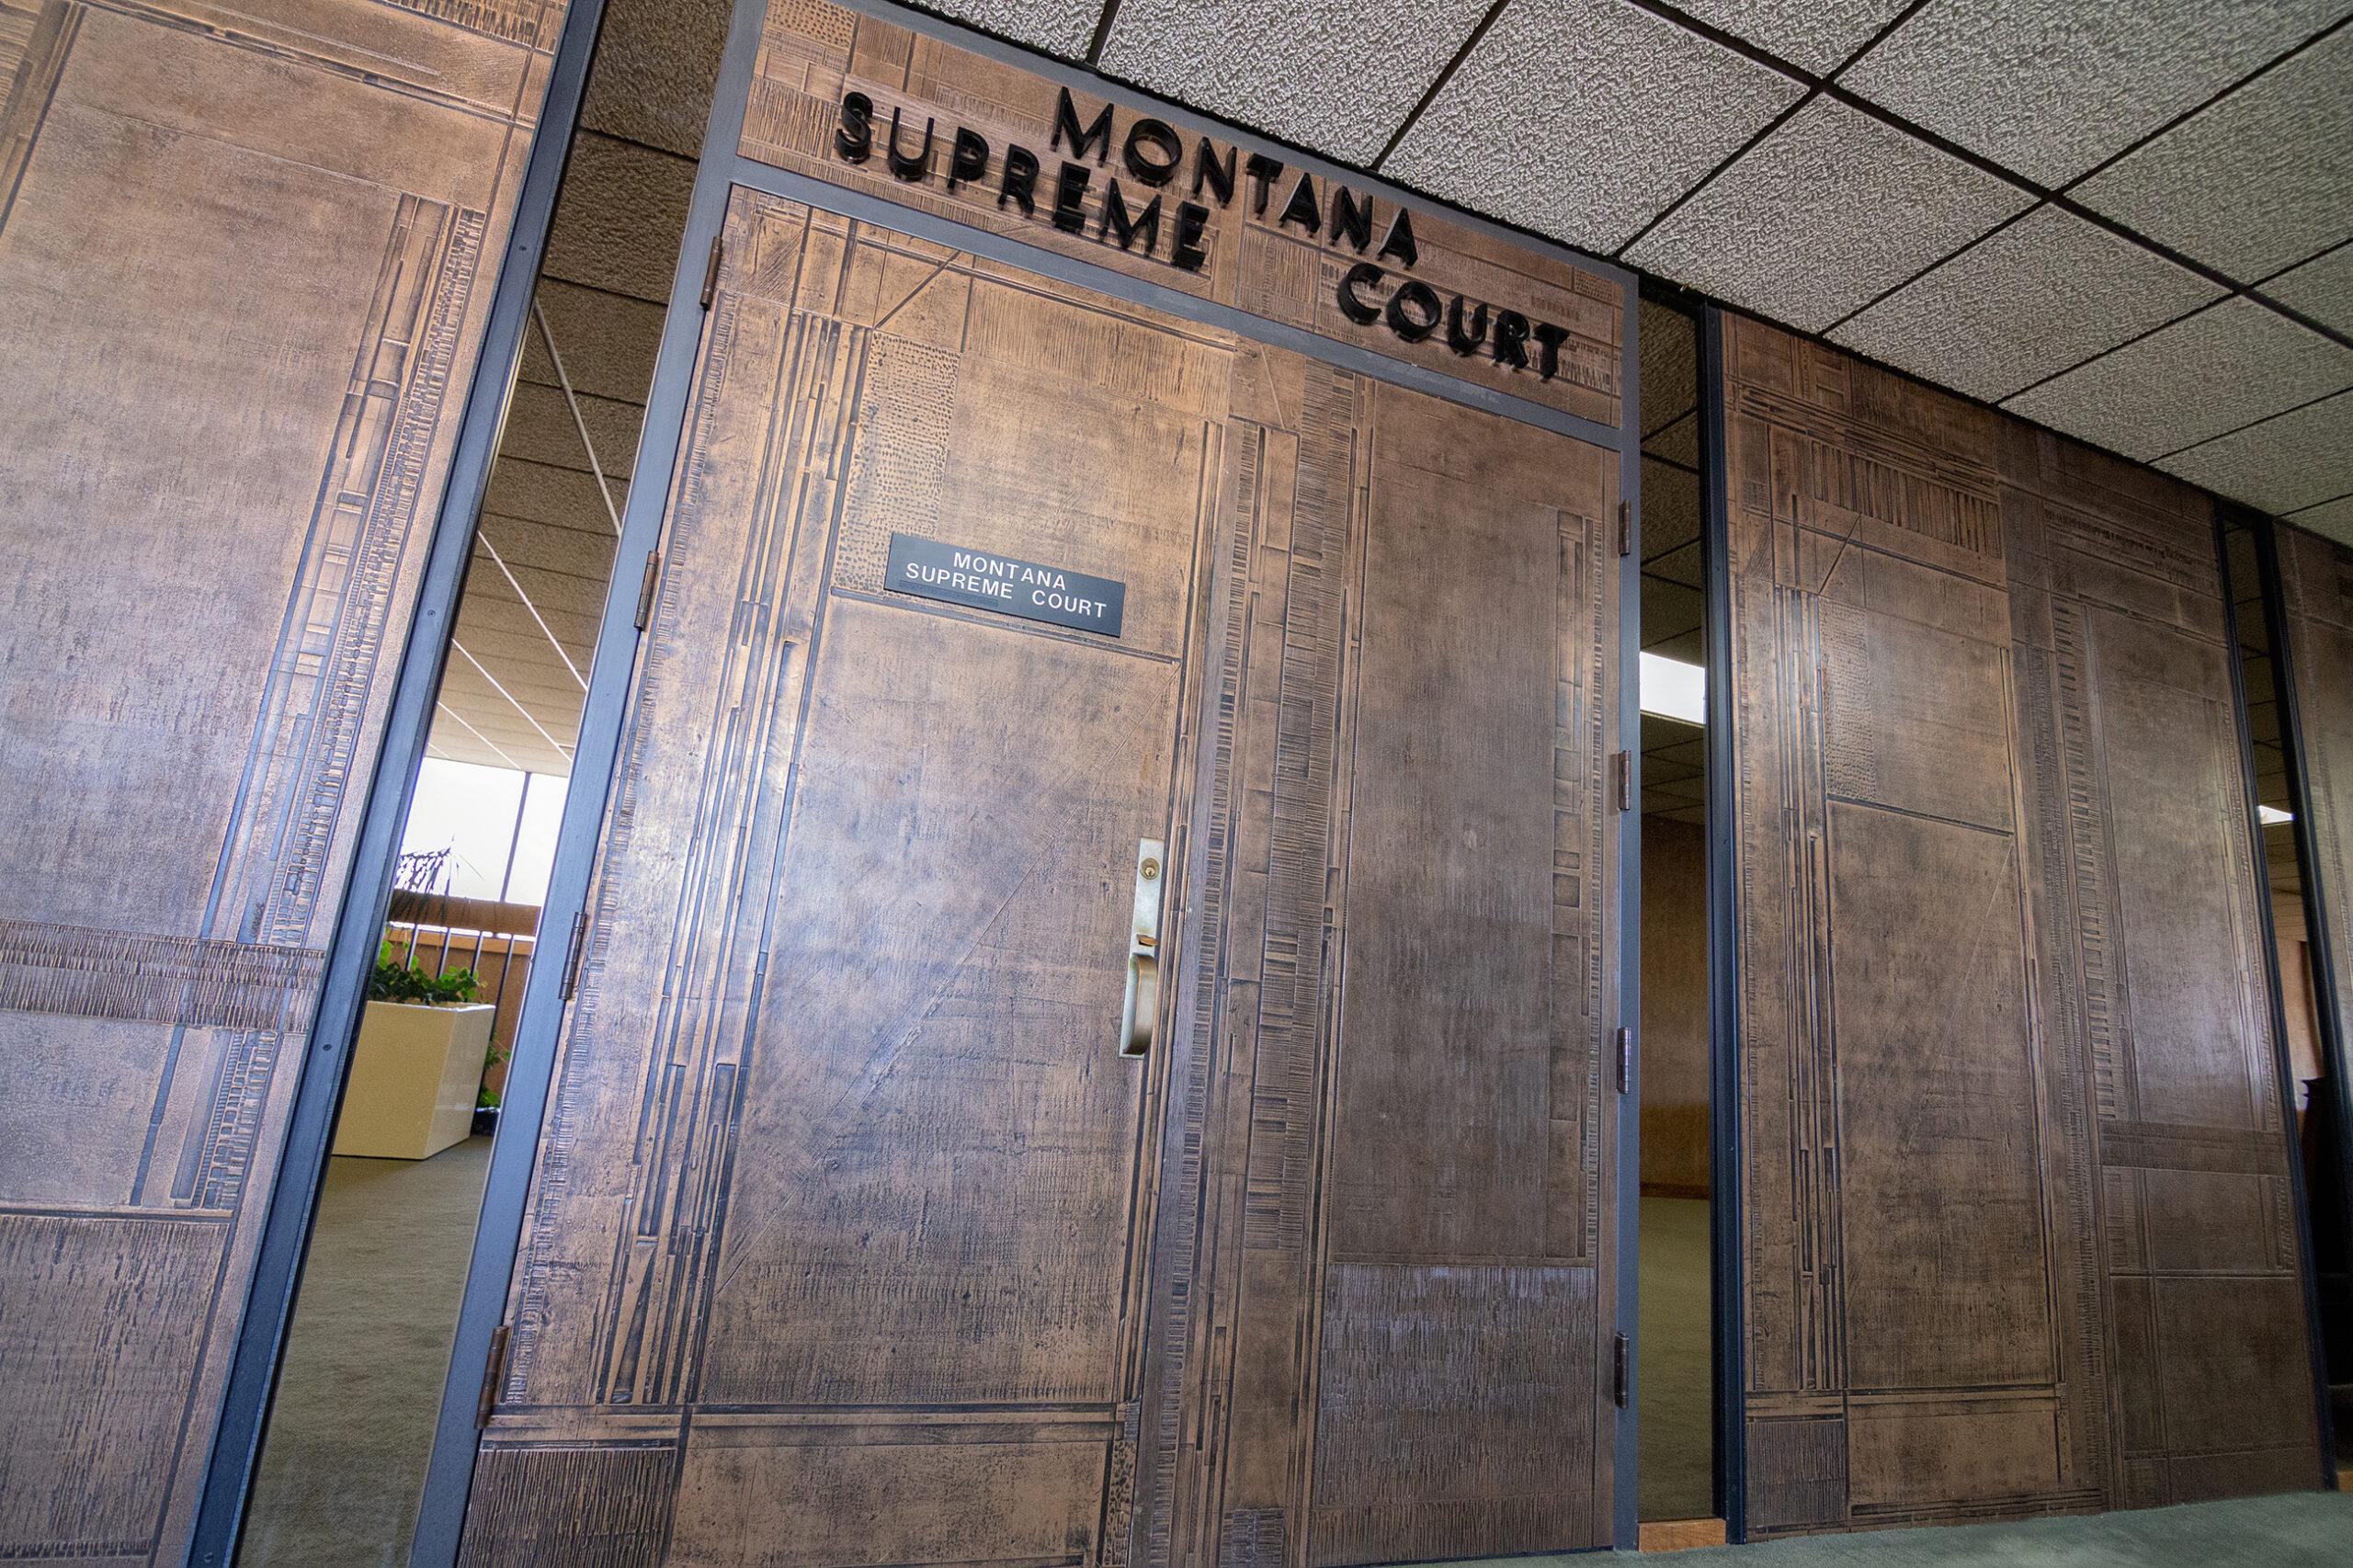 Unanimous Supreme Court rules pair of legislative subpoenas are improper